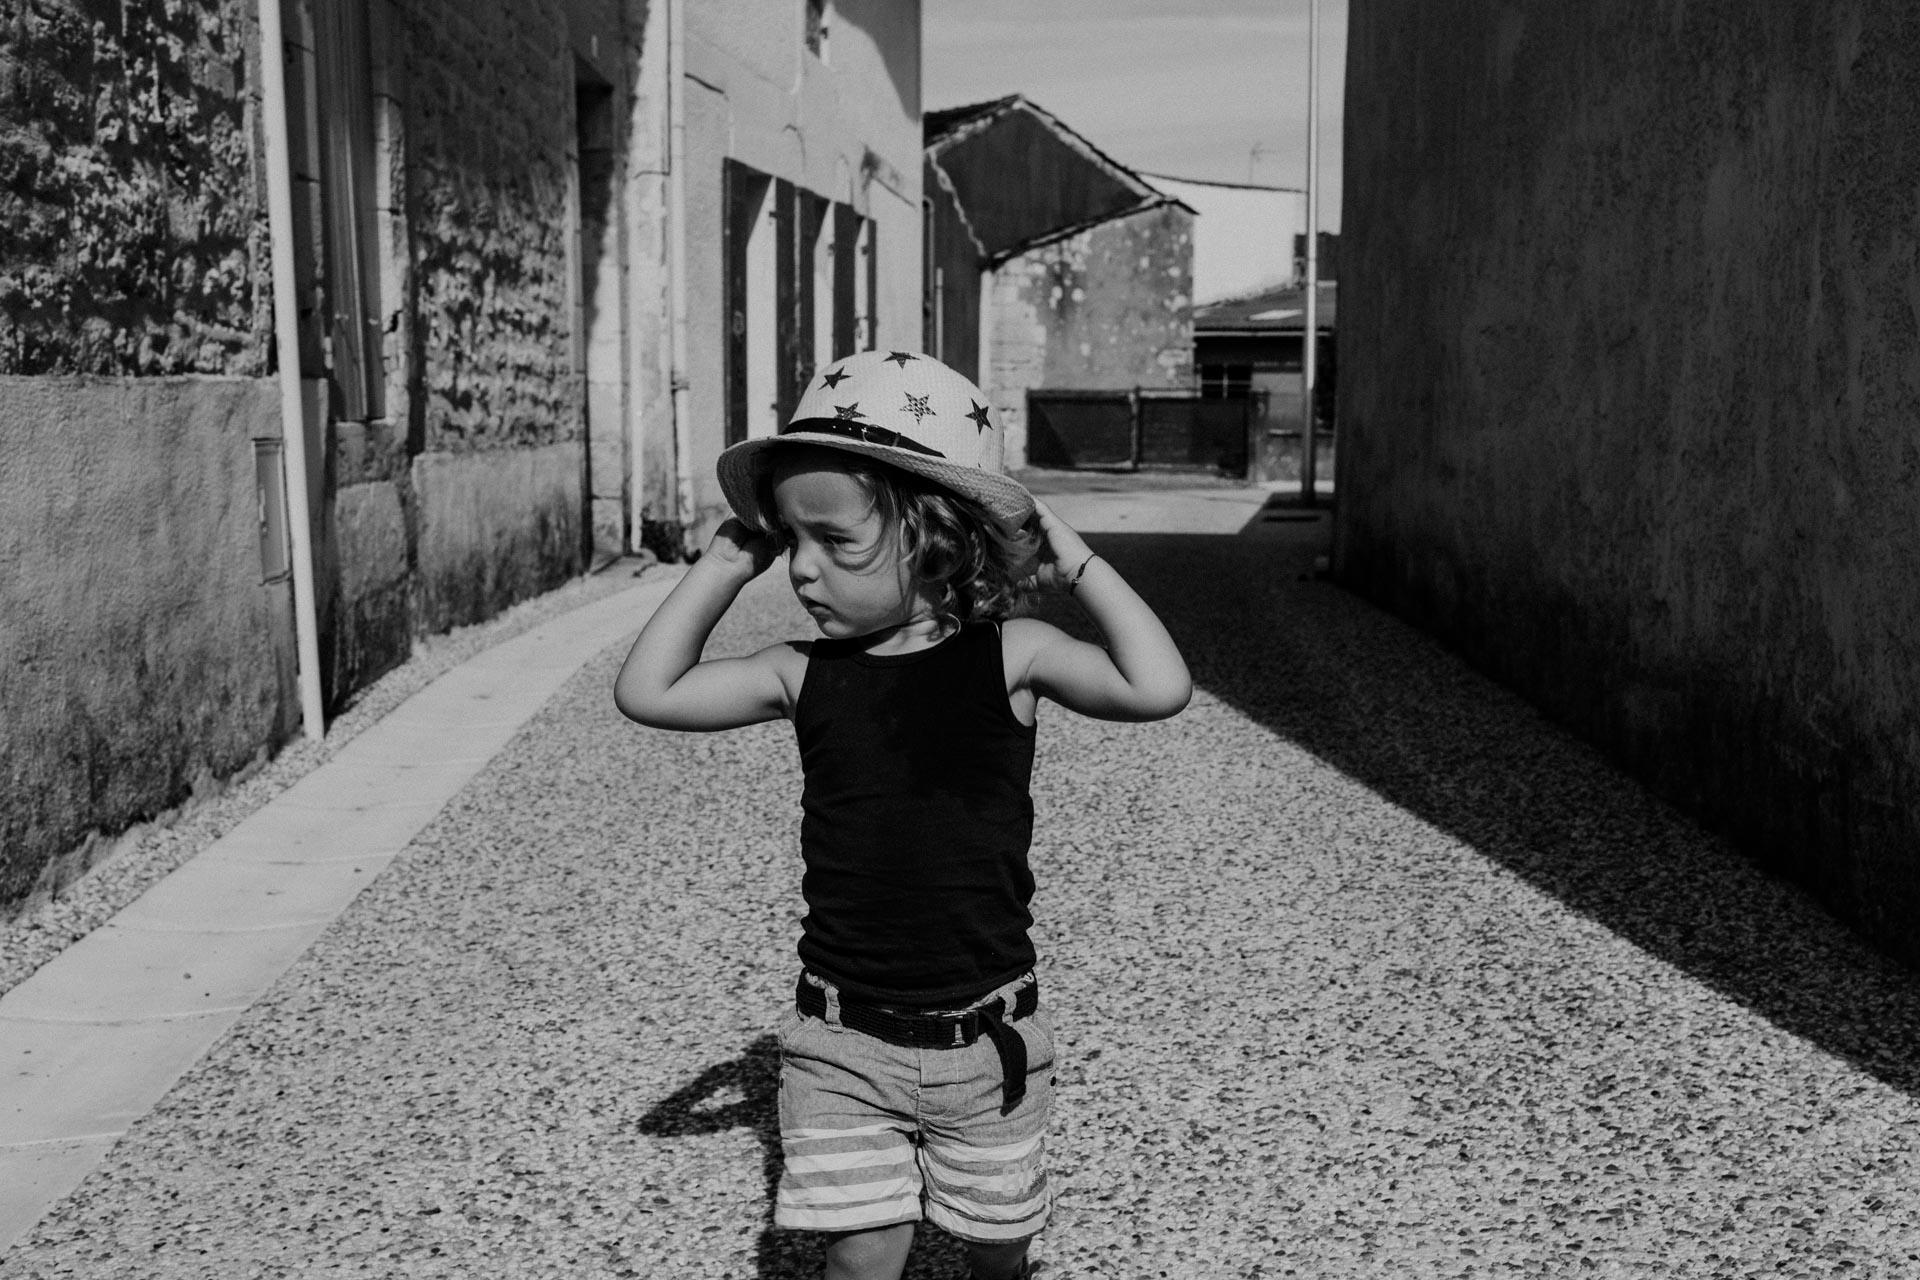 Photo noire et blanc d'un enfant dans une ruelle tenant son chapeau